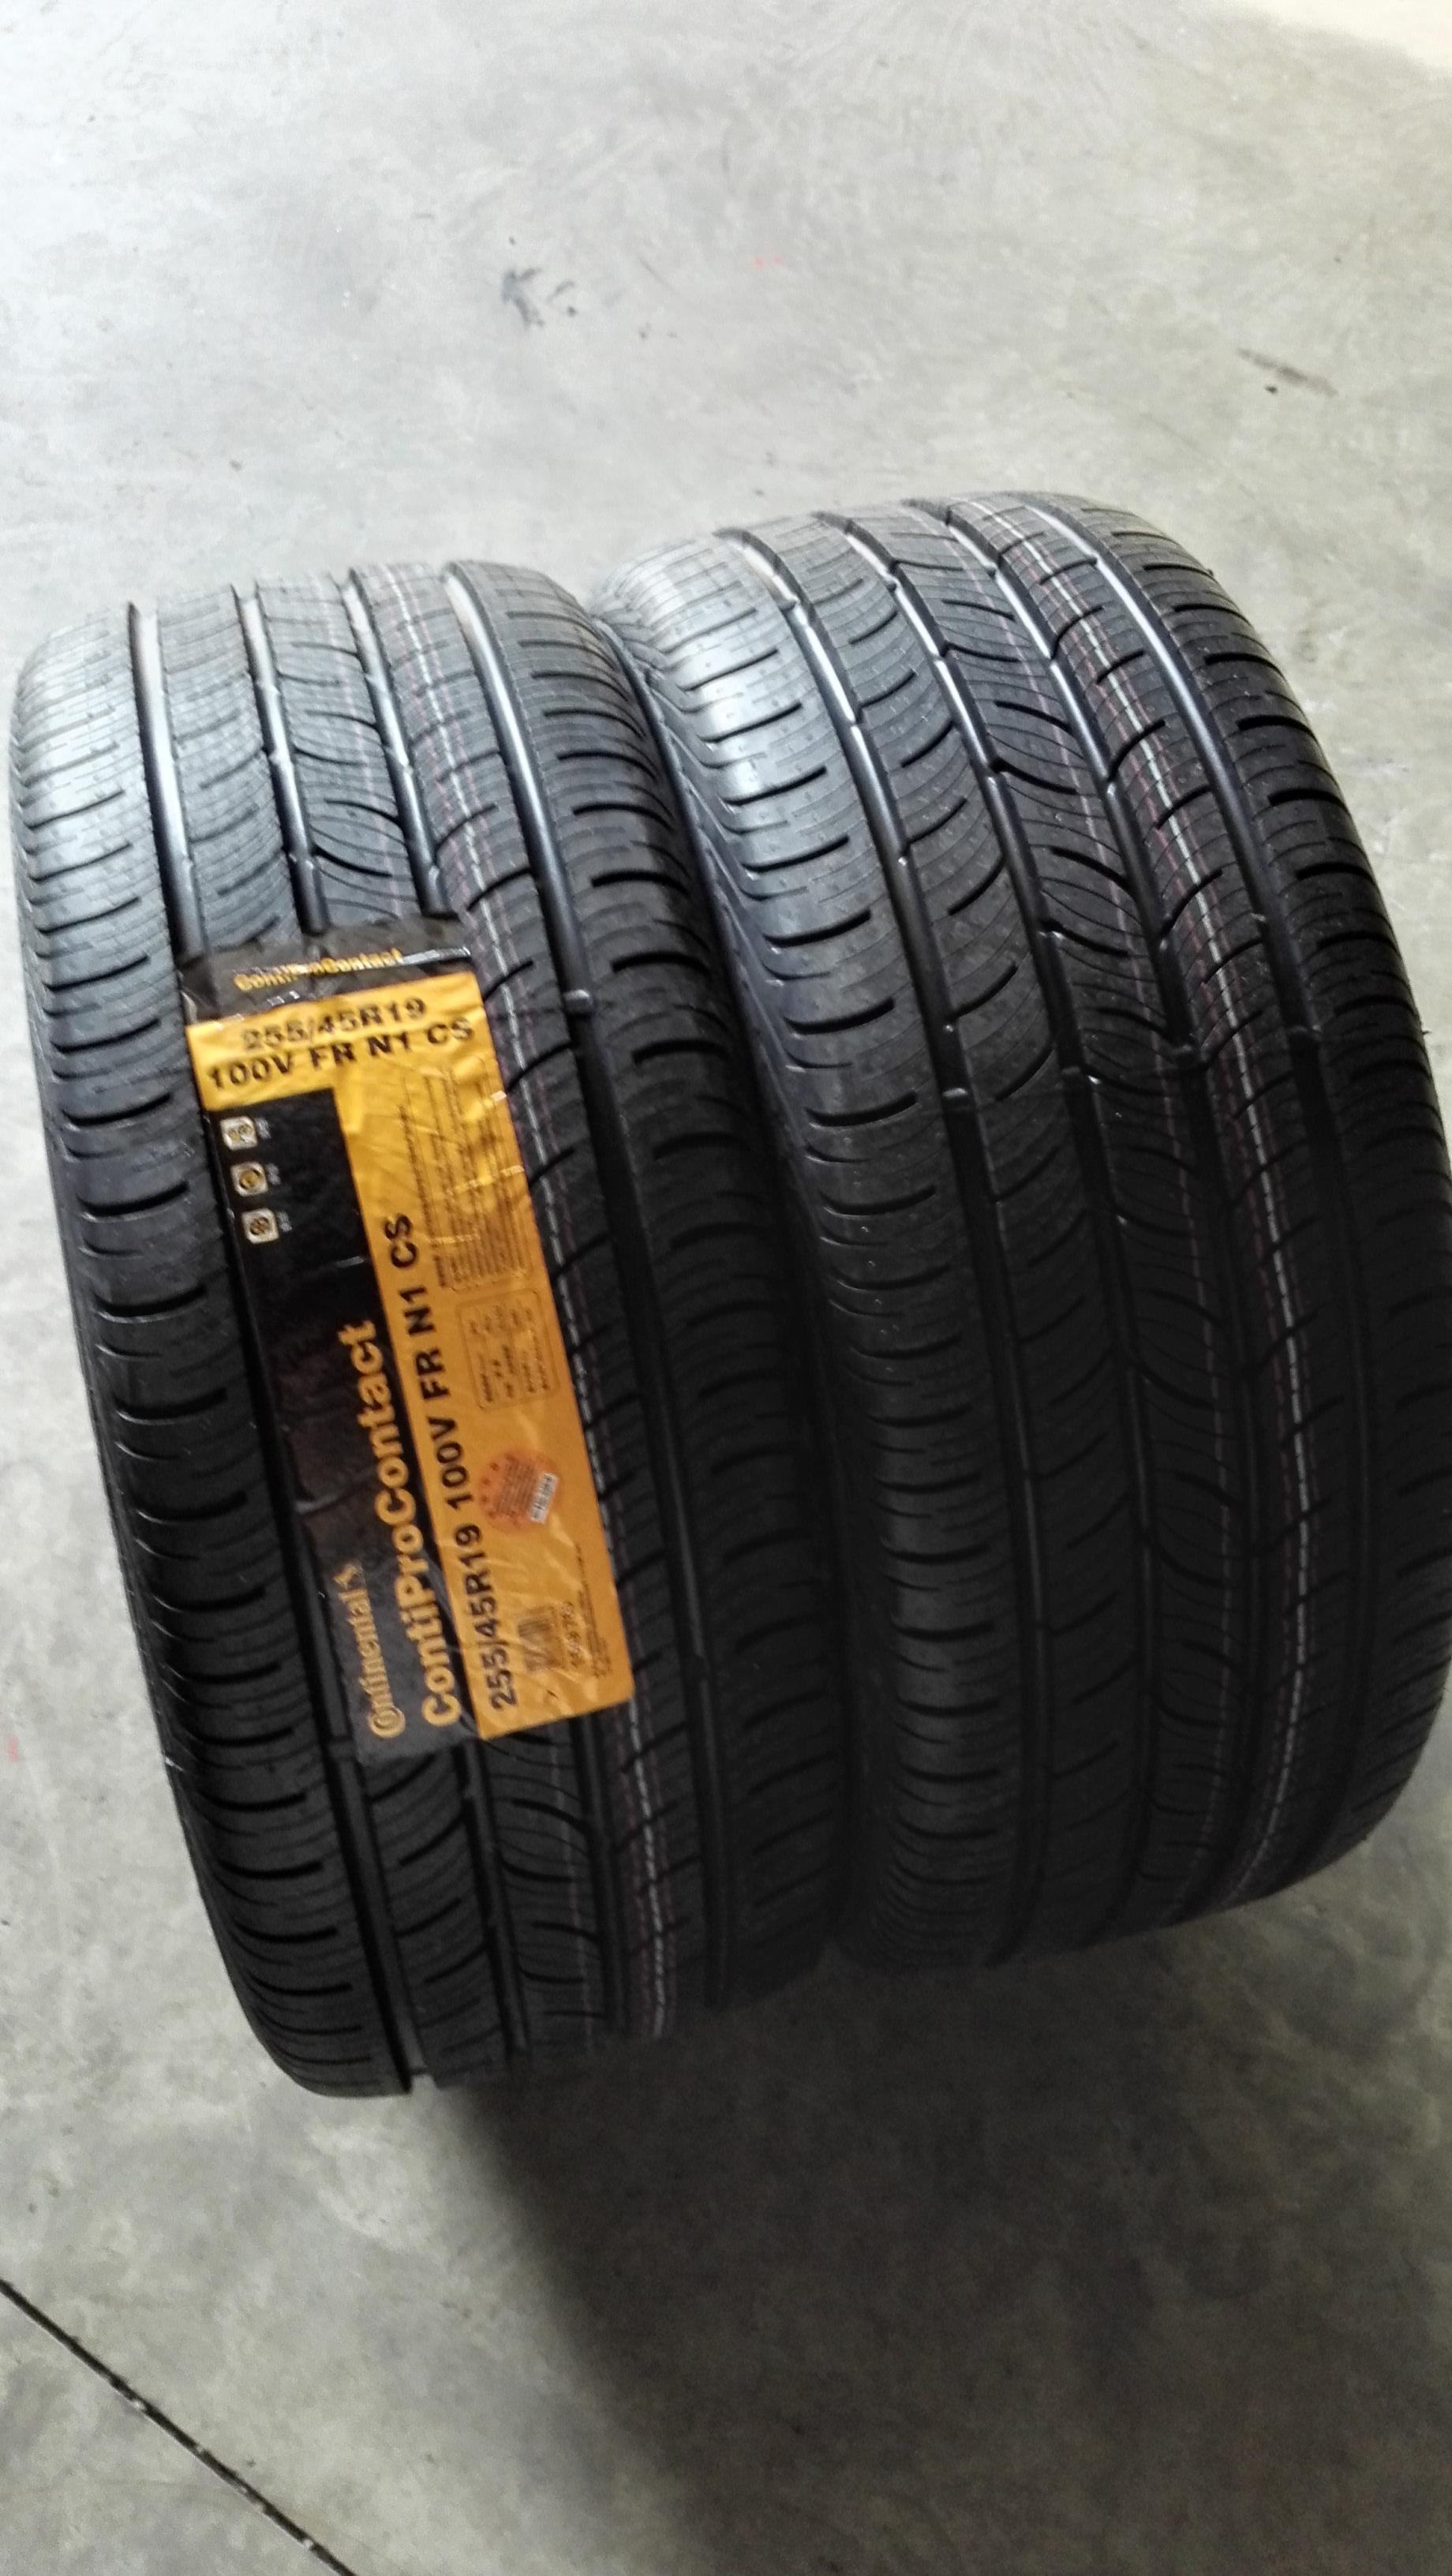 马牌自修补轮胎 255/45r19 100v cproc cs n1保时捷帕拉梅拉前轮图片